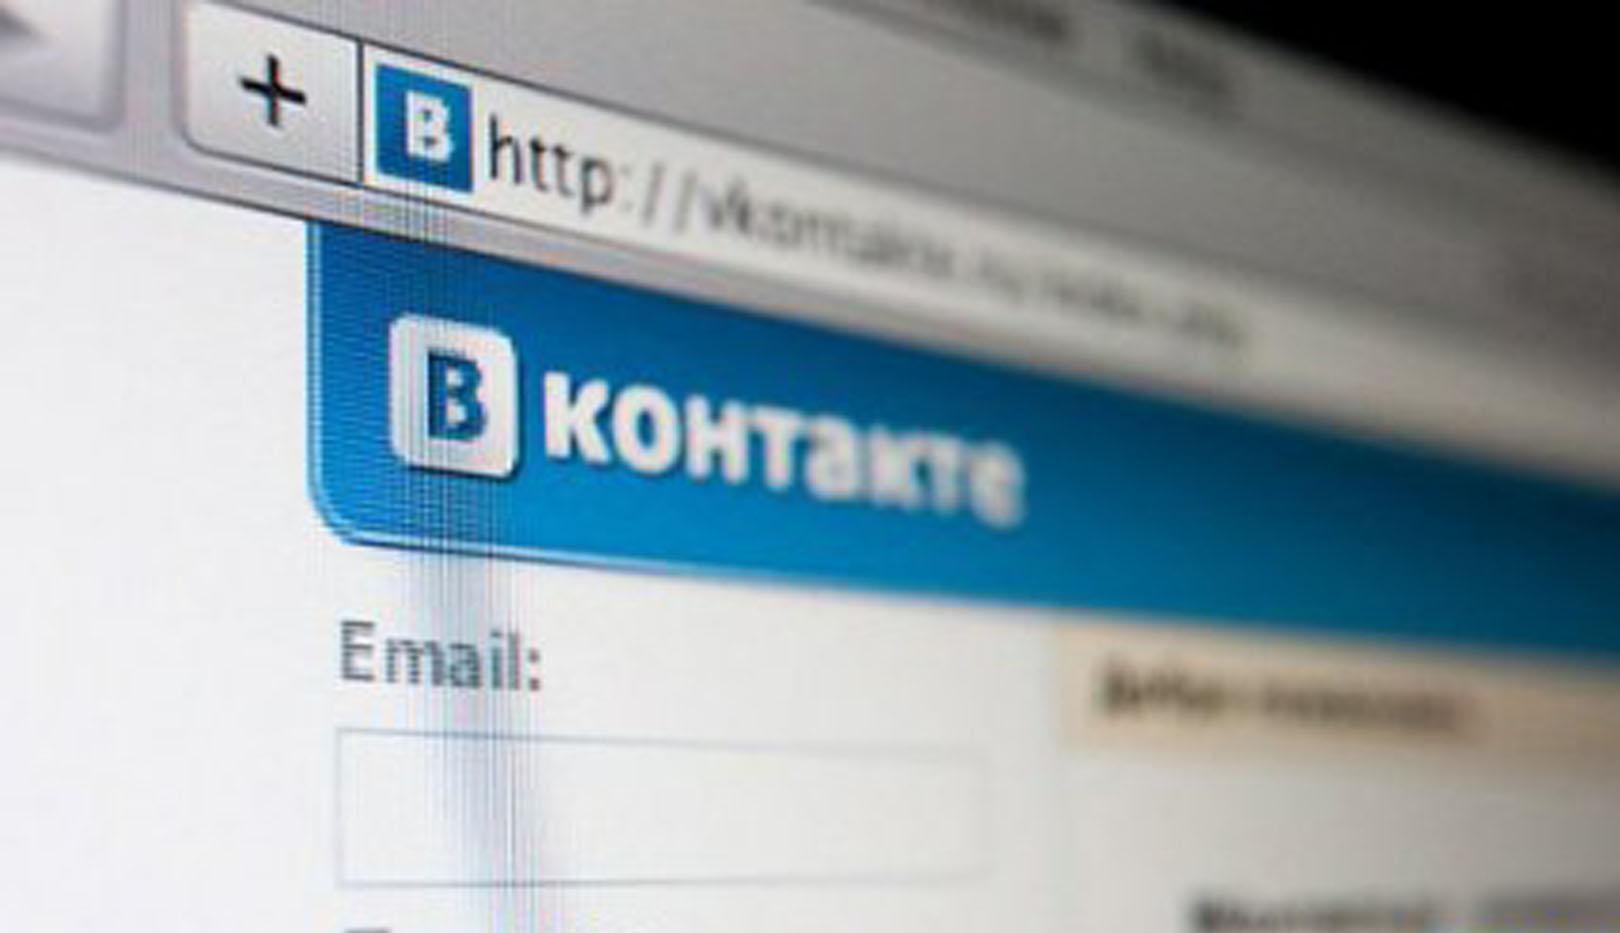 «Вконтакте»: взлома ресурса не было, в сети продается старая база - 1